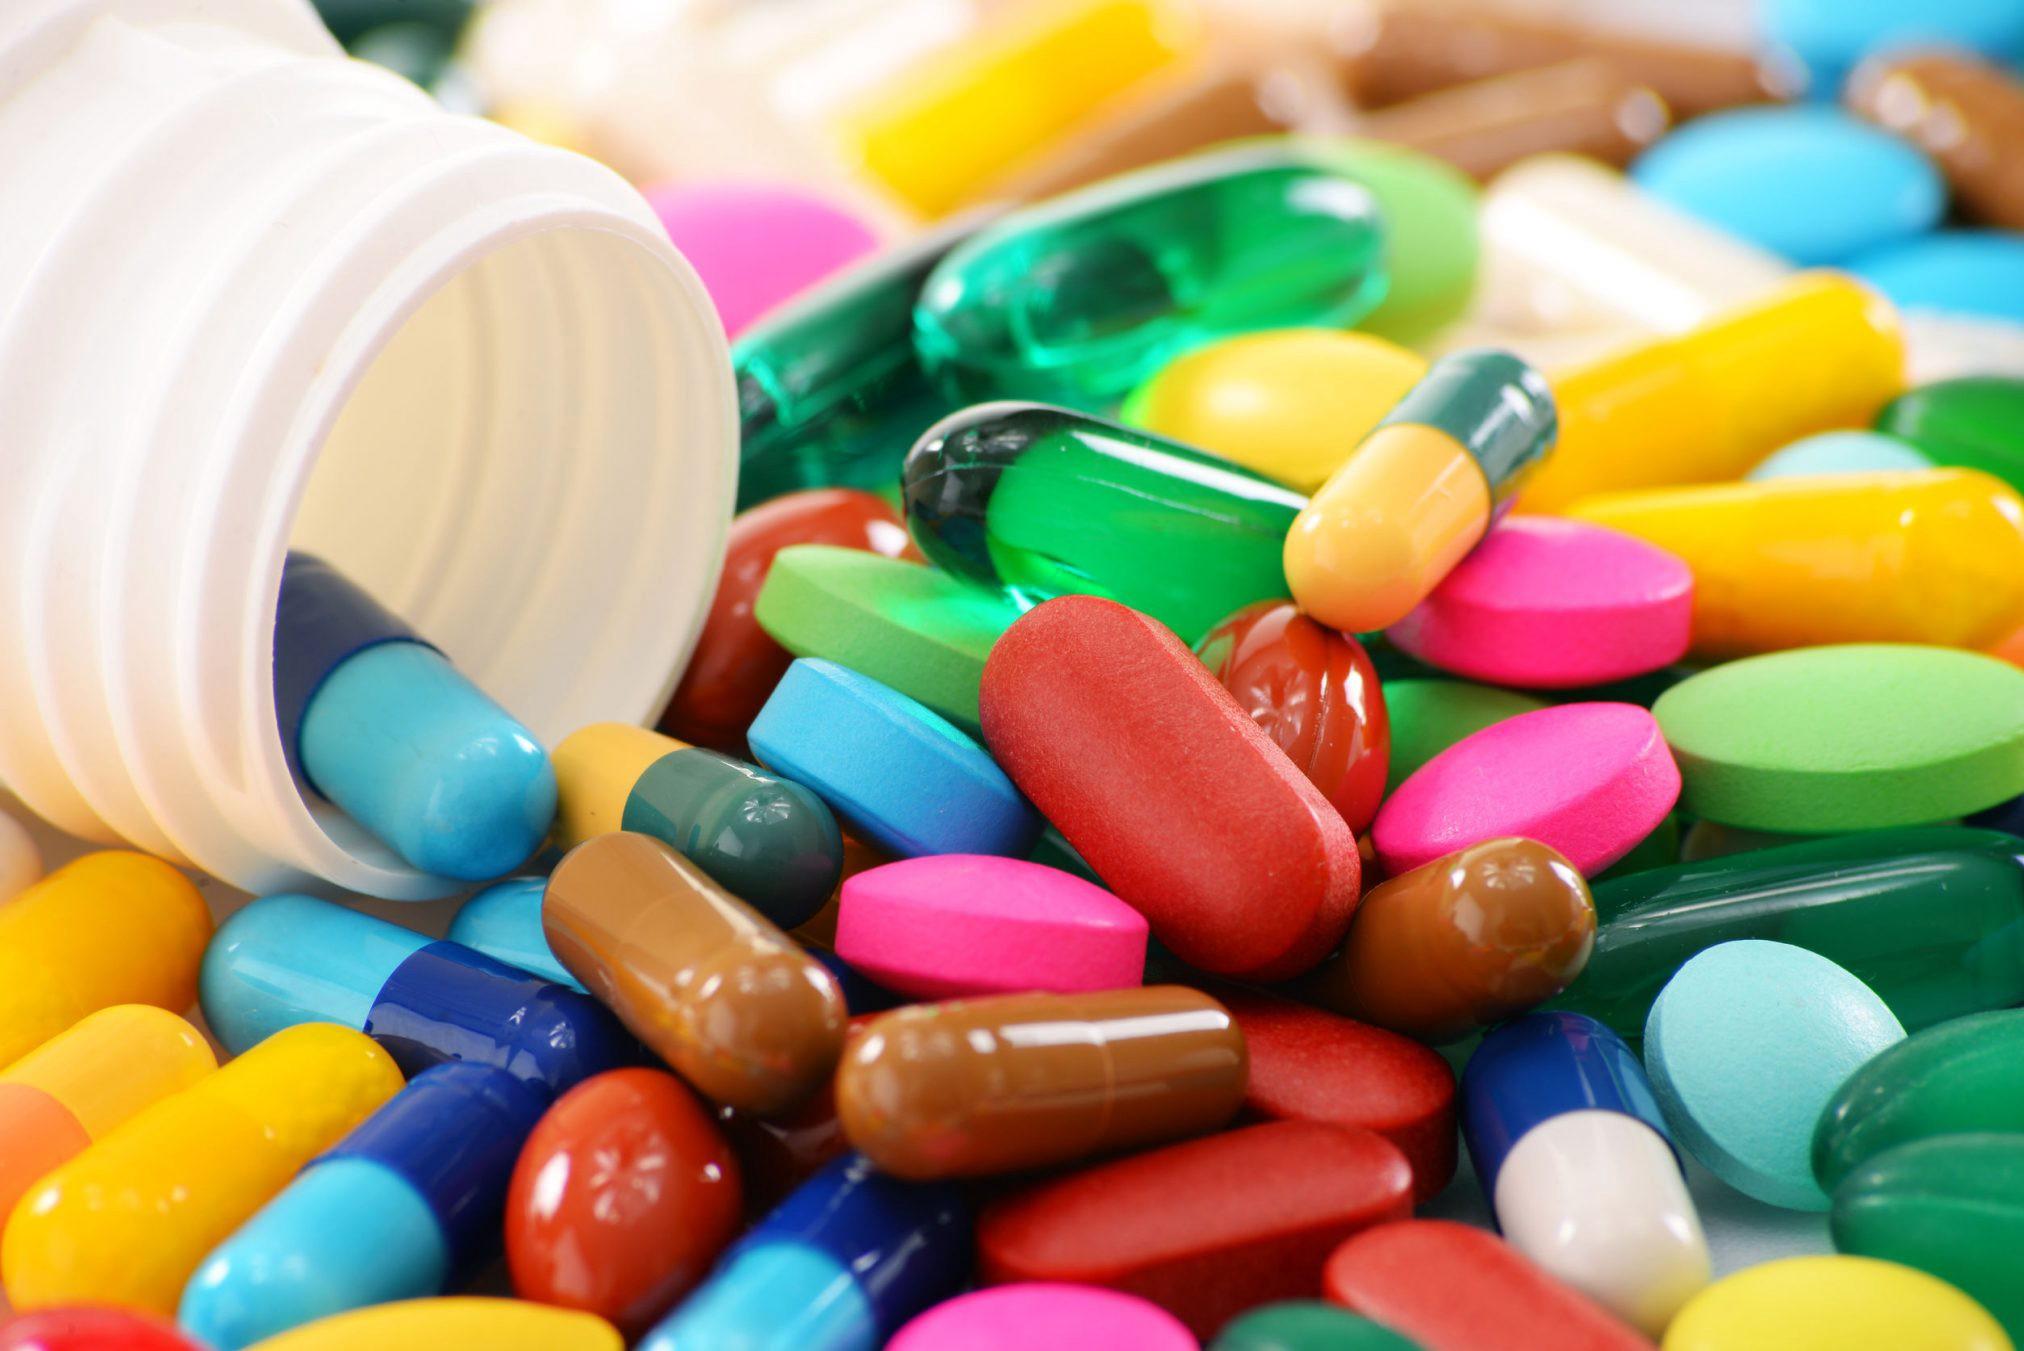 Generic Drug Market